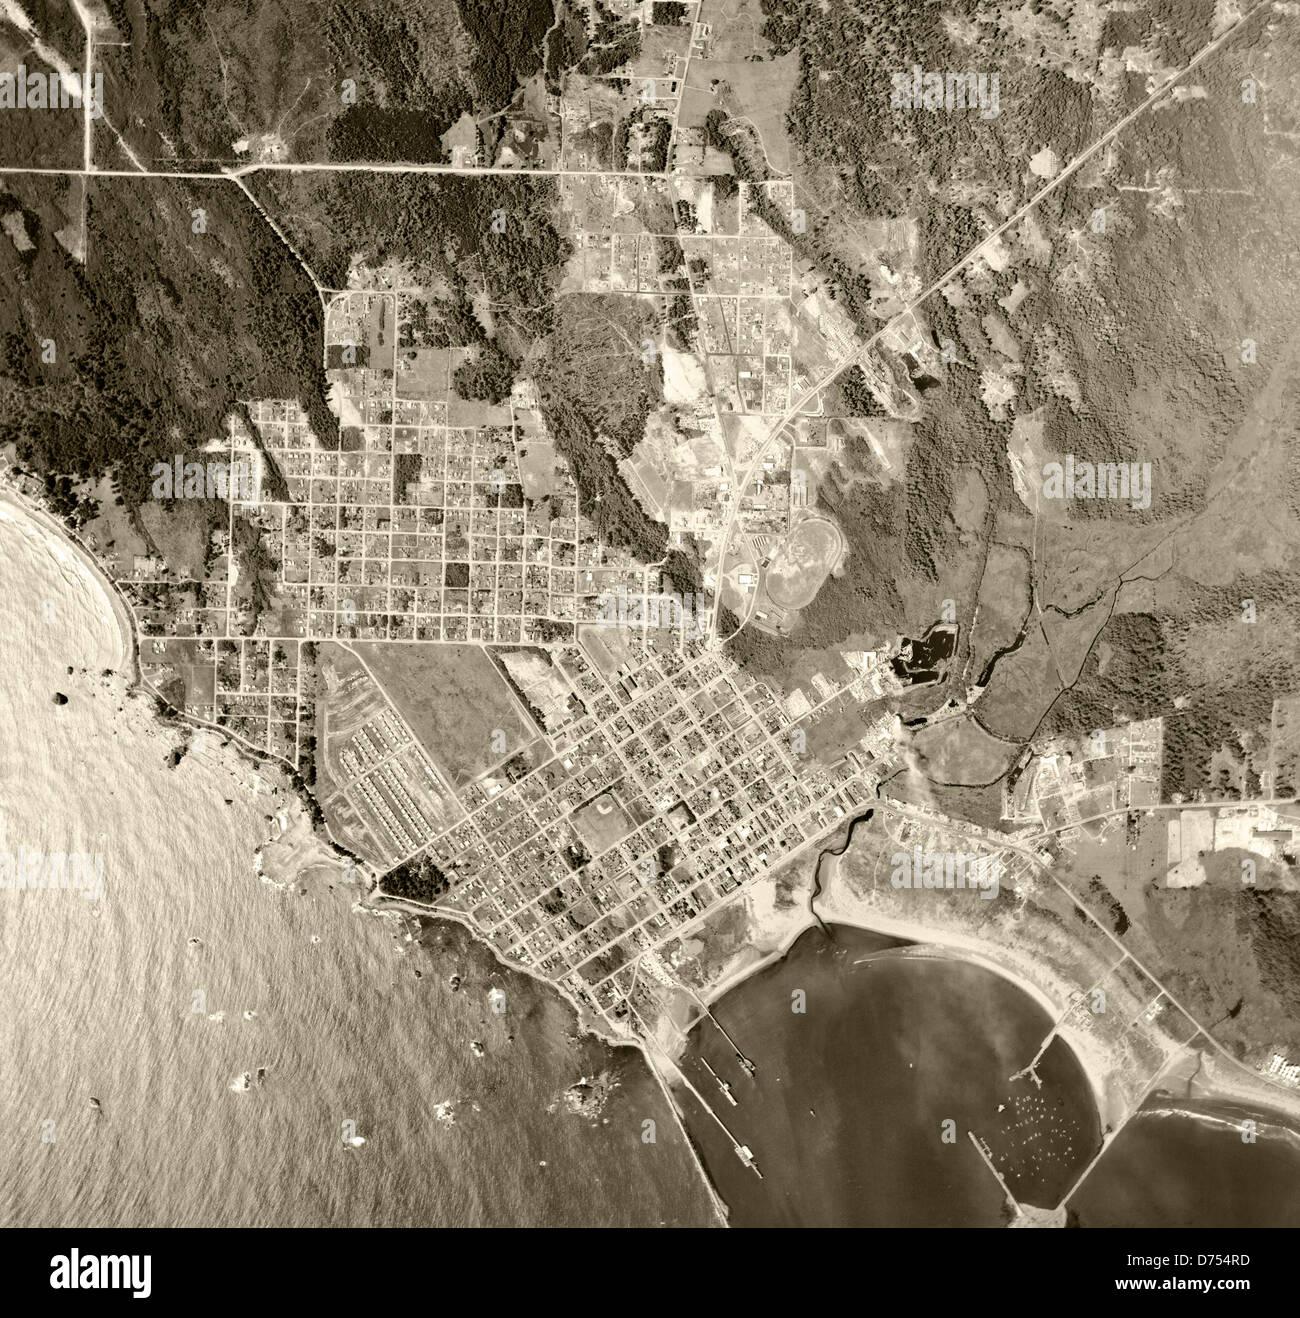 historische Luftaufnahme Crescent City, Kalifornien, 1955 Stockbild